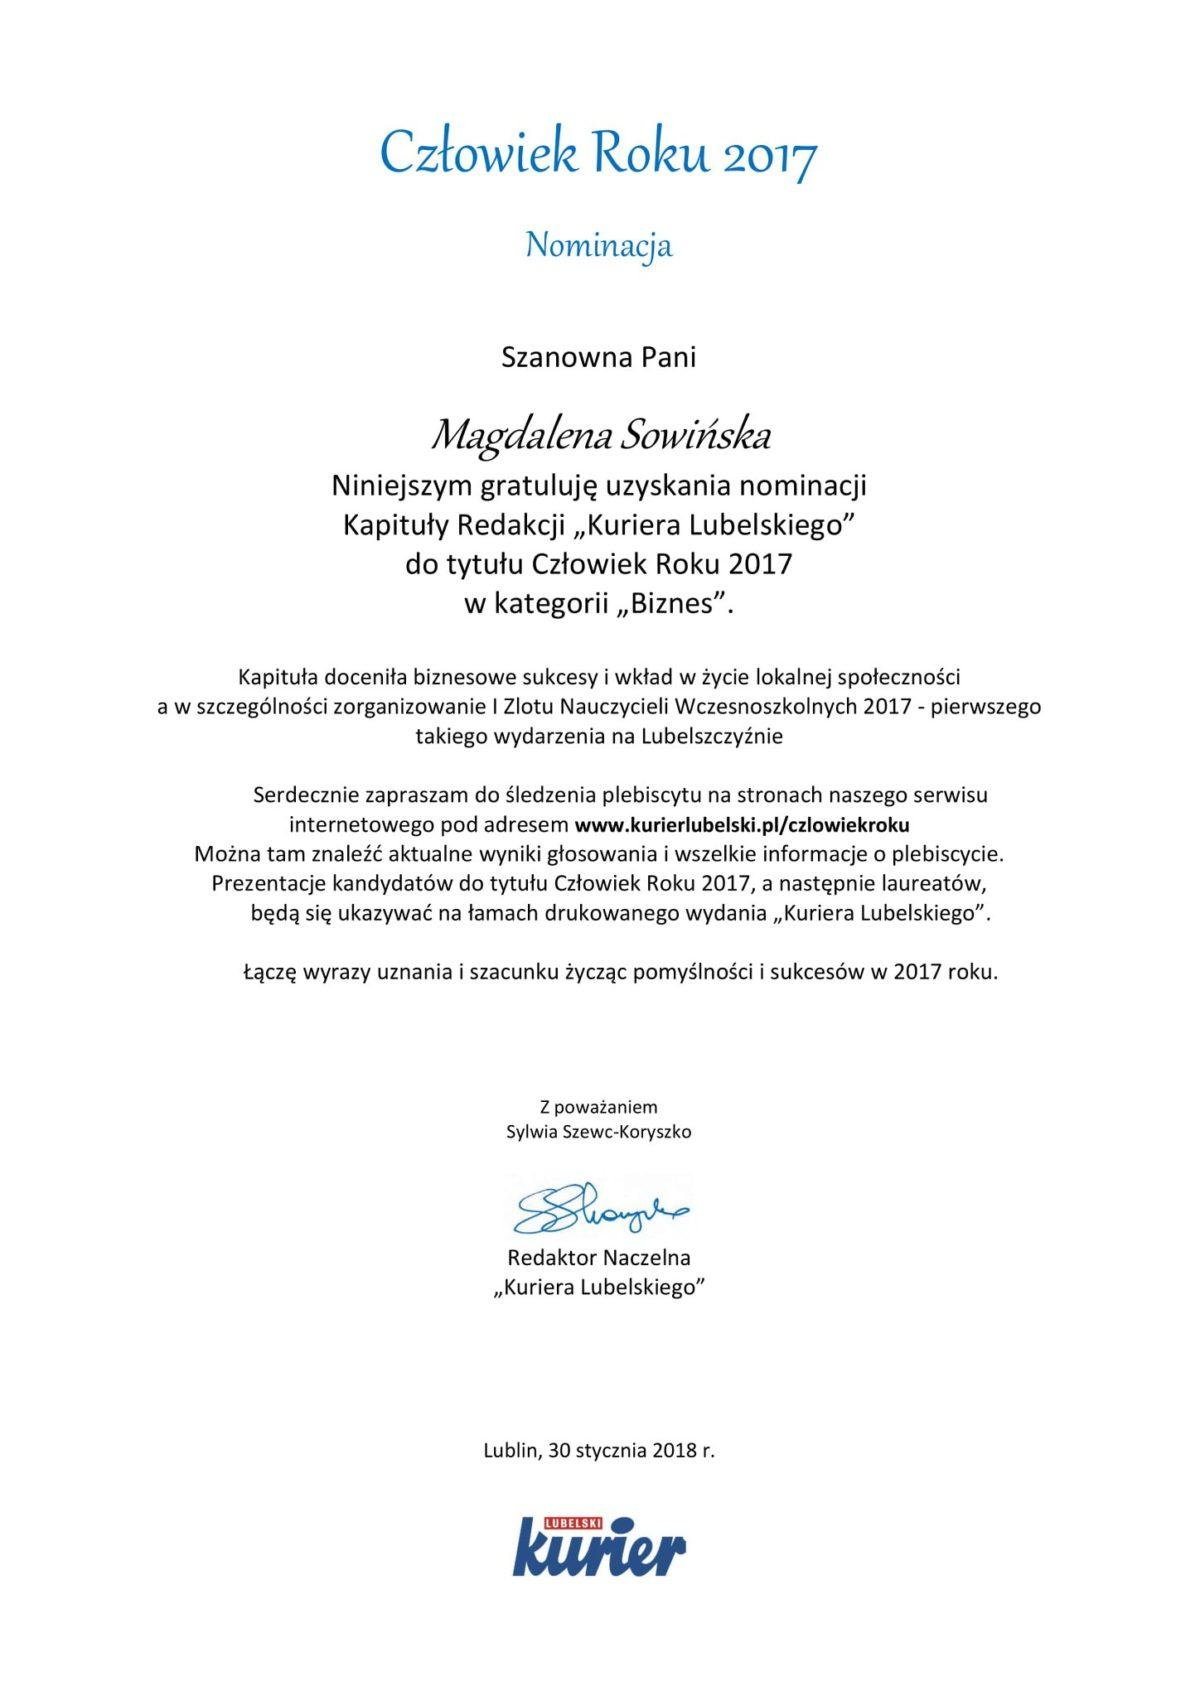 Nominacja do nagrody Człowiek Roku 2017 Magdalena Sowińska